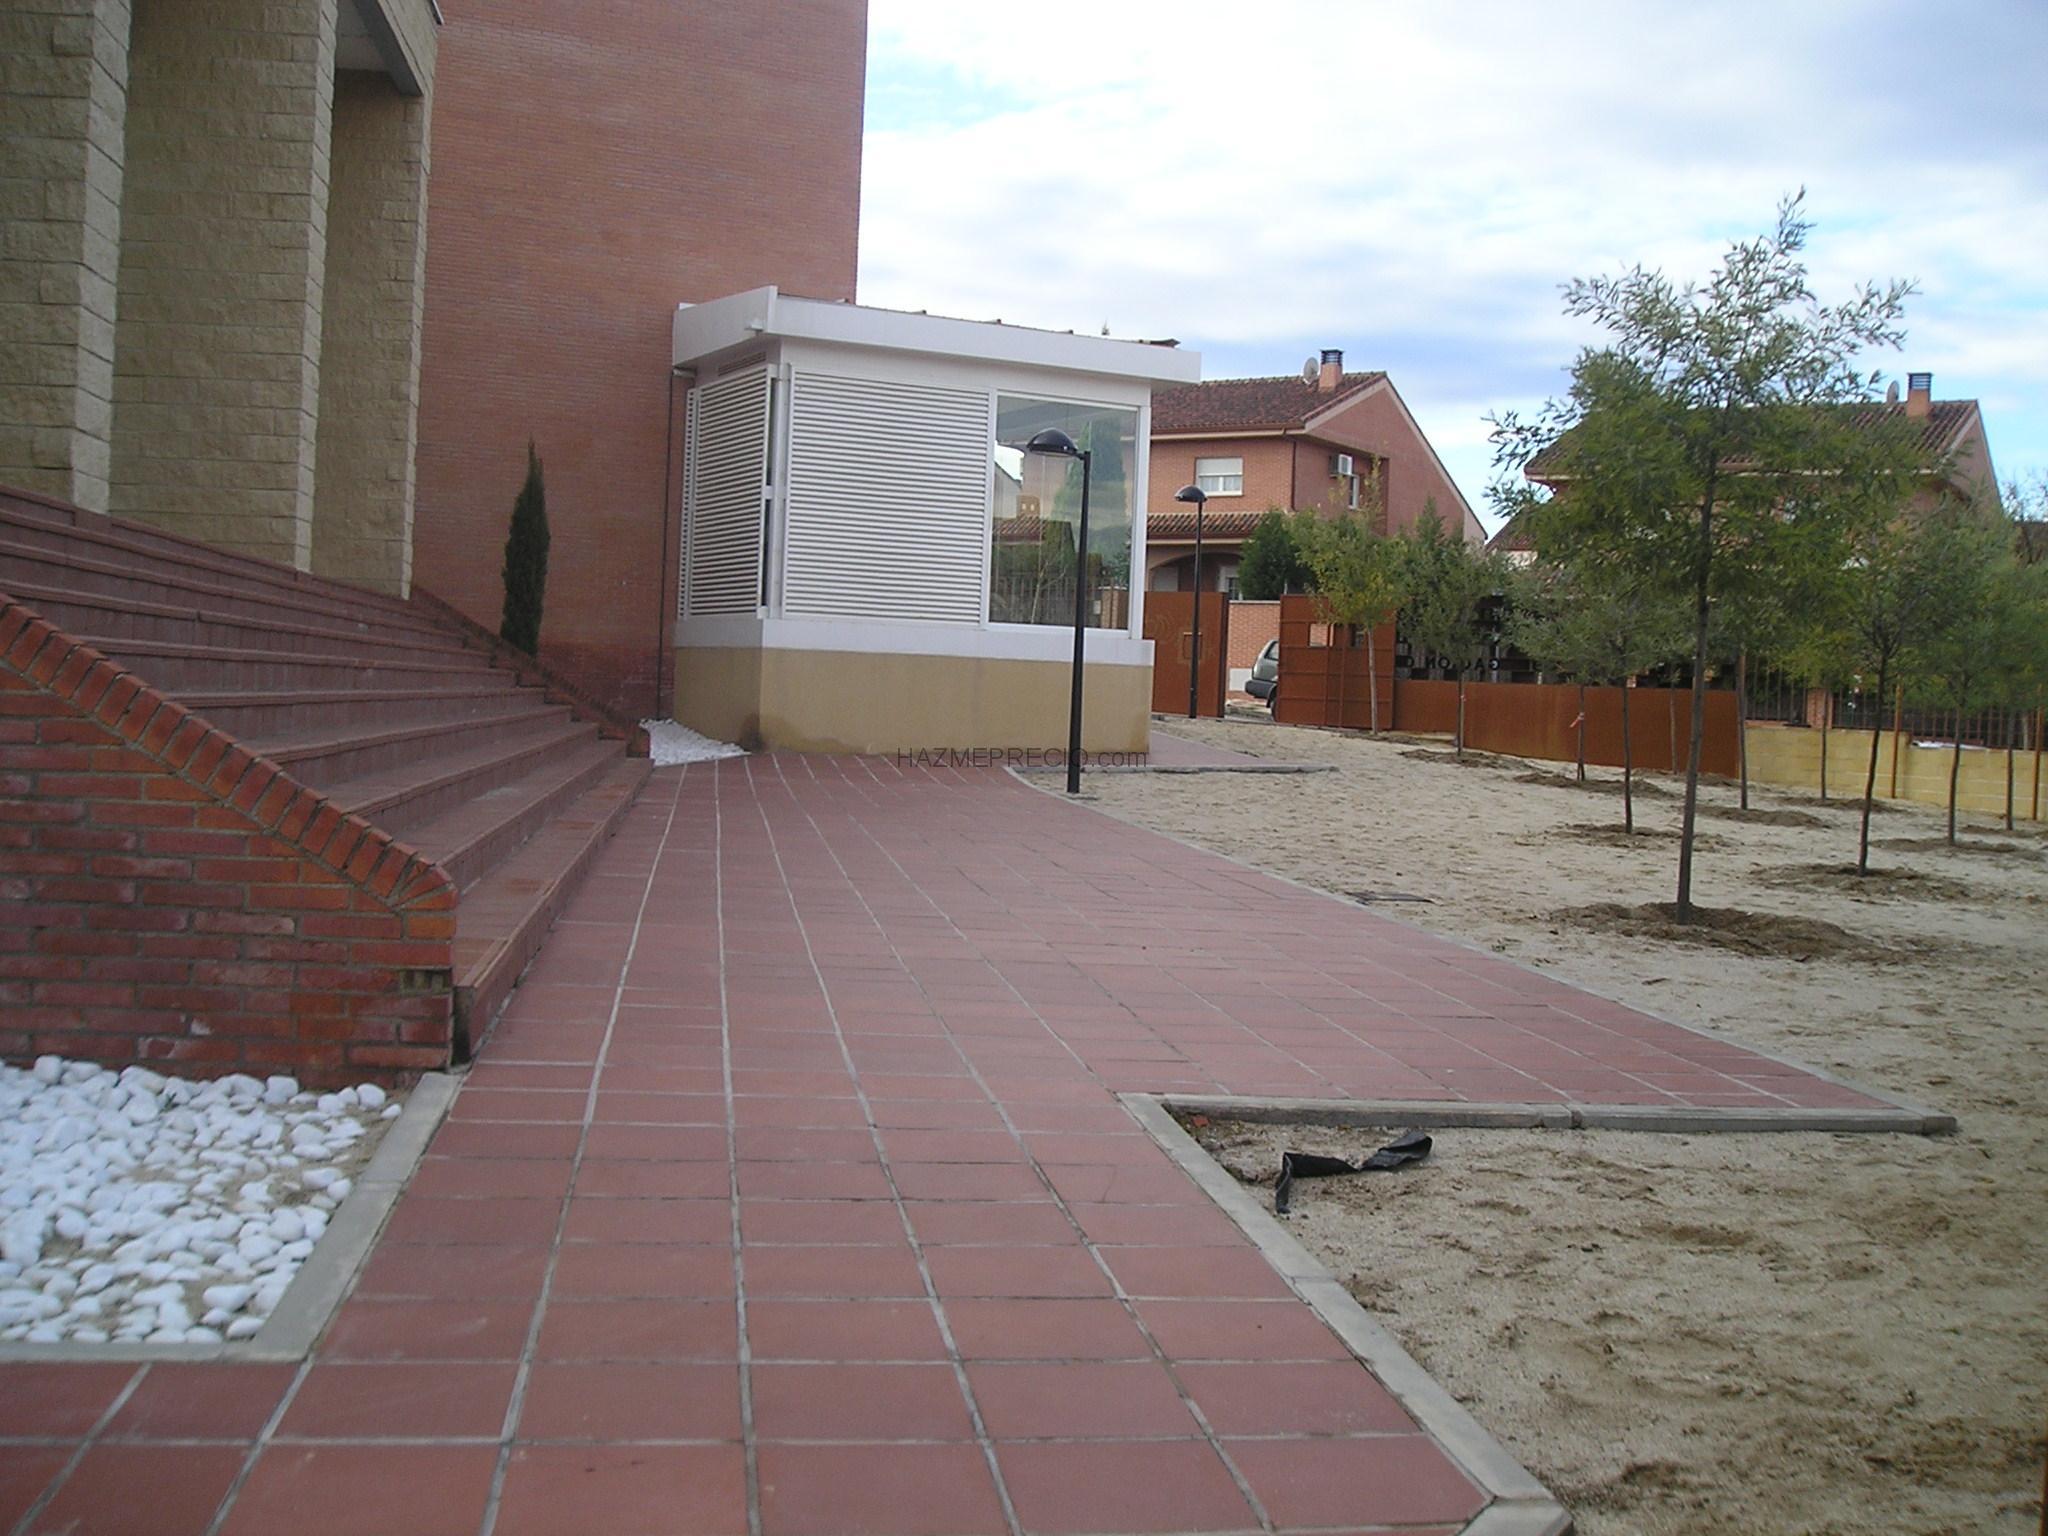 Presupuesto para construir caseta agricola en pezuela de for Presupuesto de hormigon